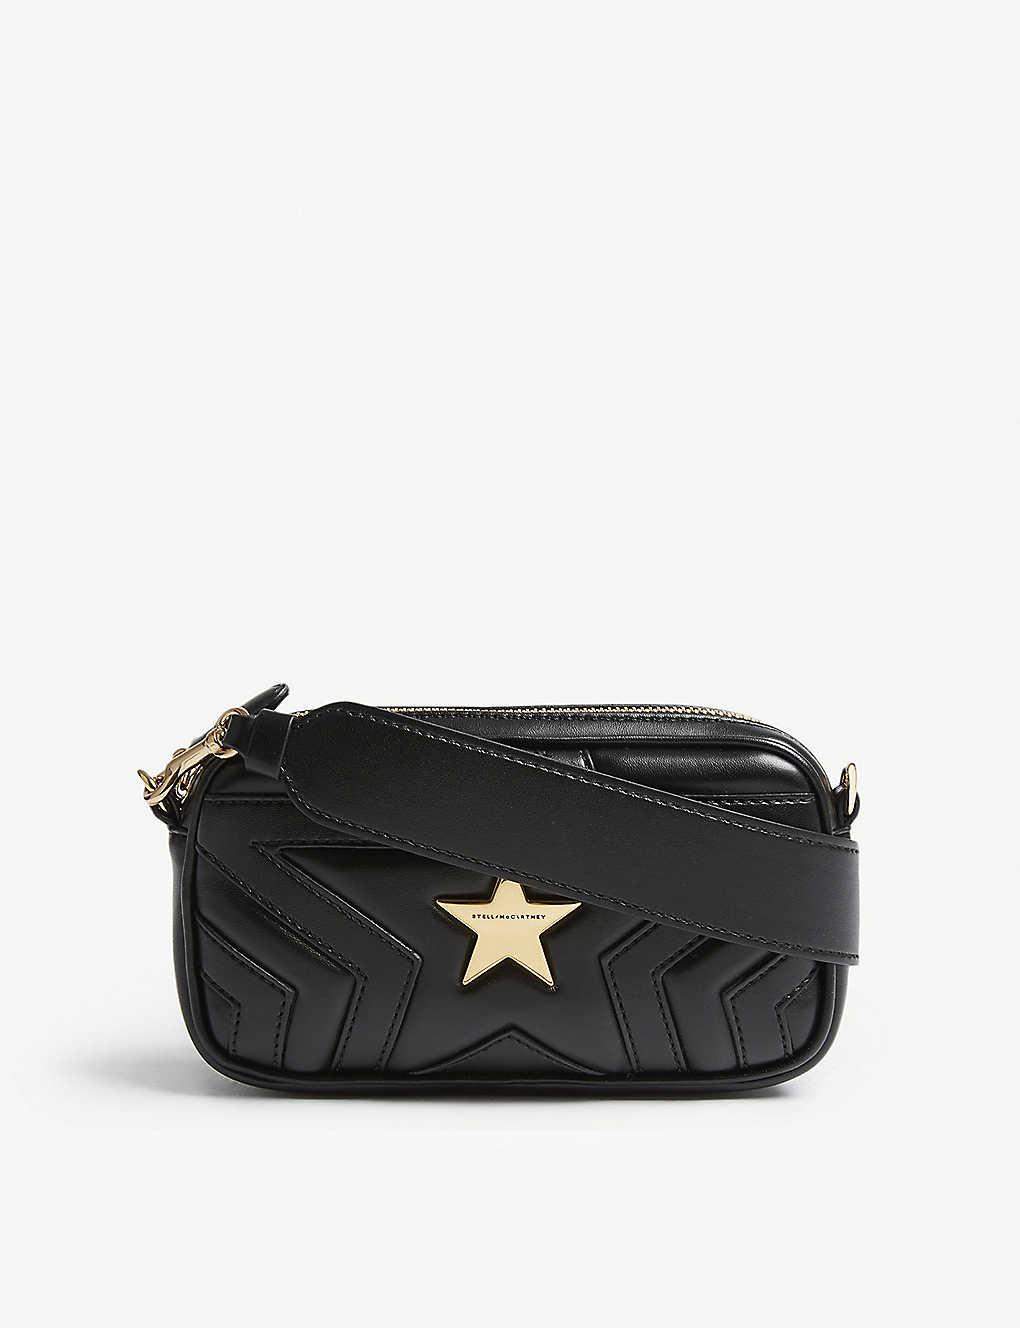 STELLA MCCARTNEY - Stella Star faux-leather belt bag  a5bb436aeca6f